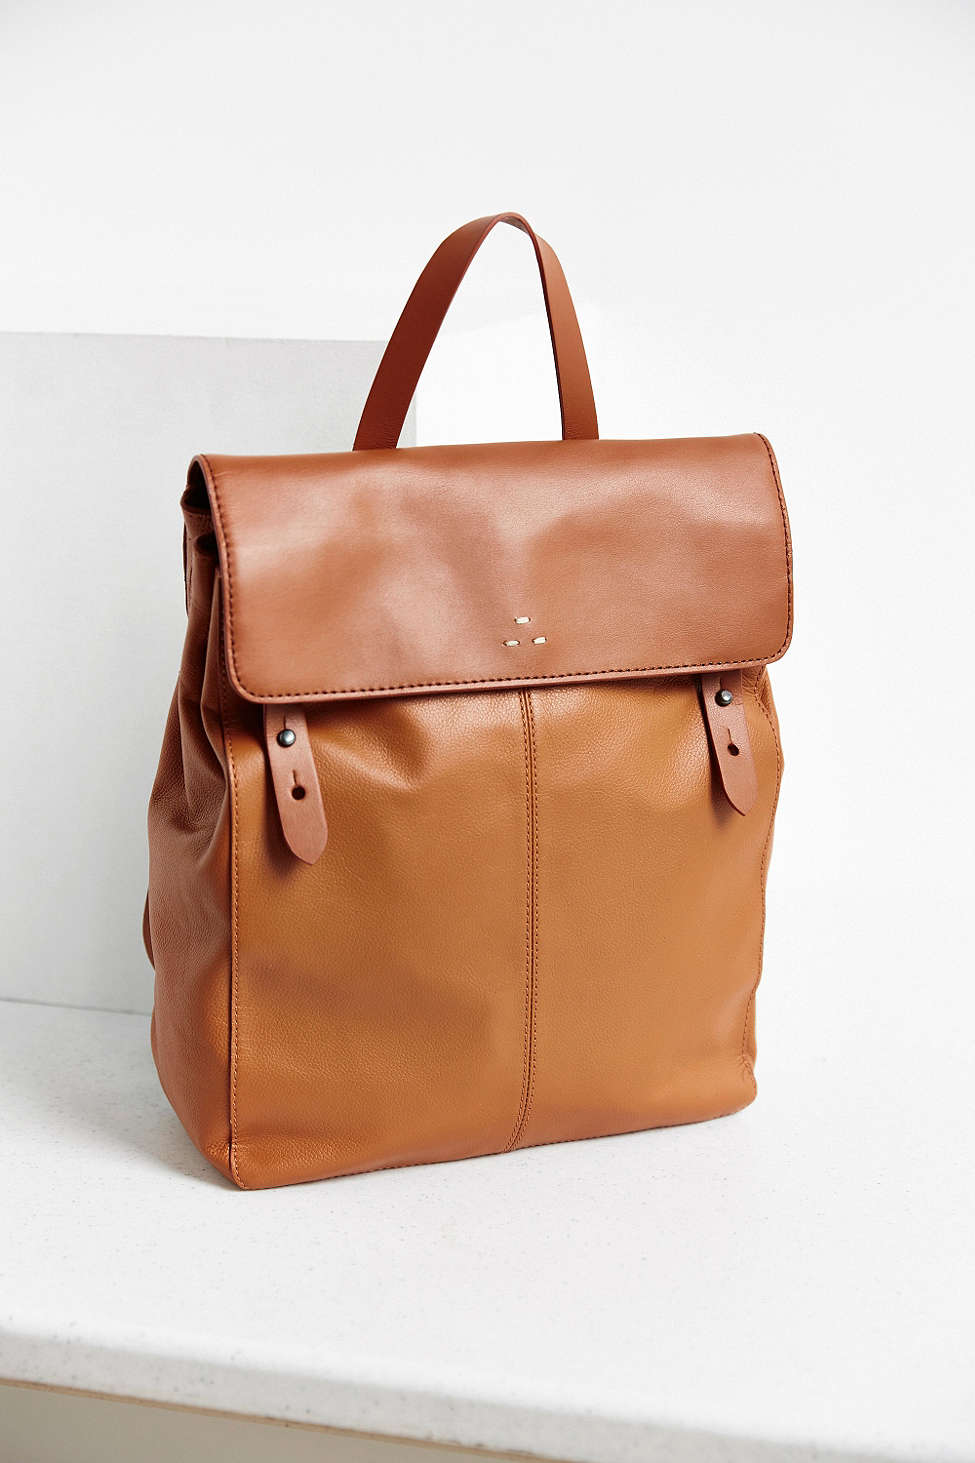 如果喜歡忠於皮革原色的感覺,這樣的扁包設計也很合適!